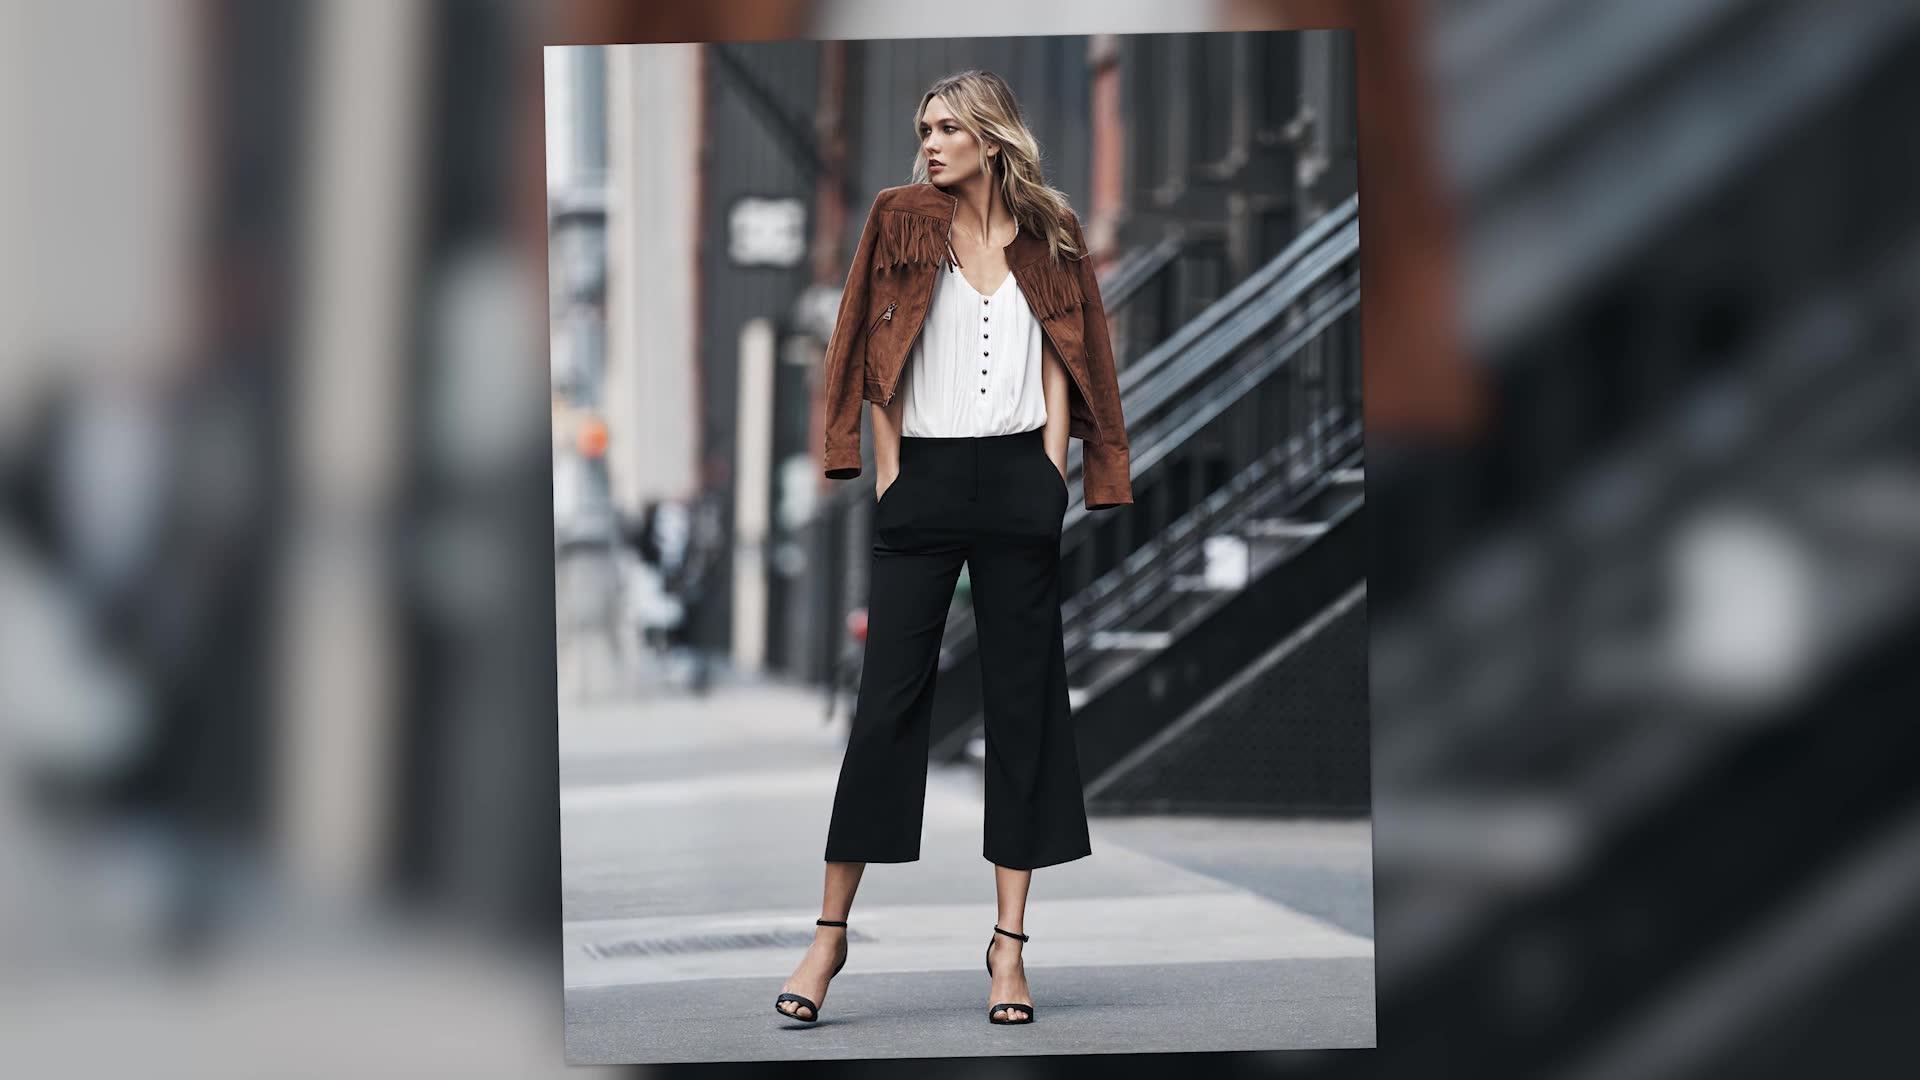 Karlie Kloss Keeps Modeling After Nervously Starting School